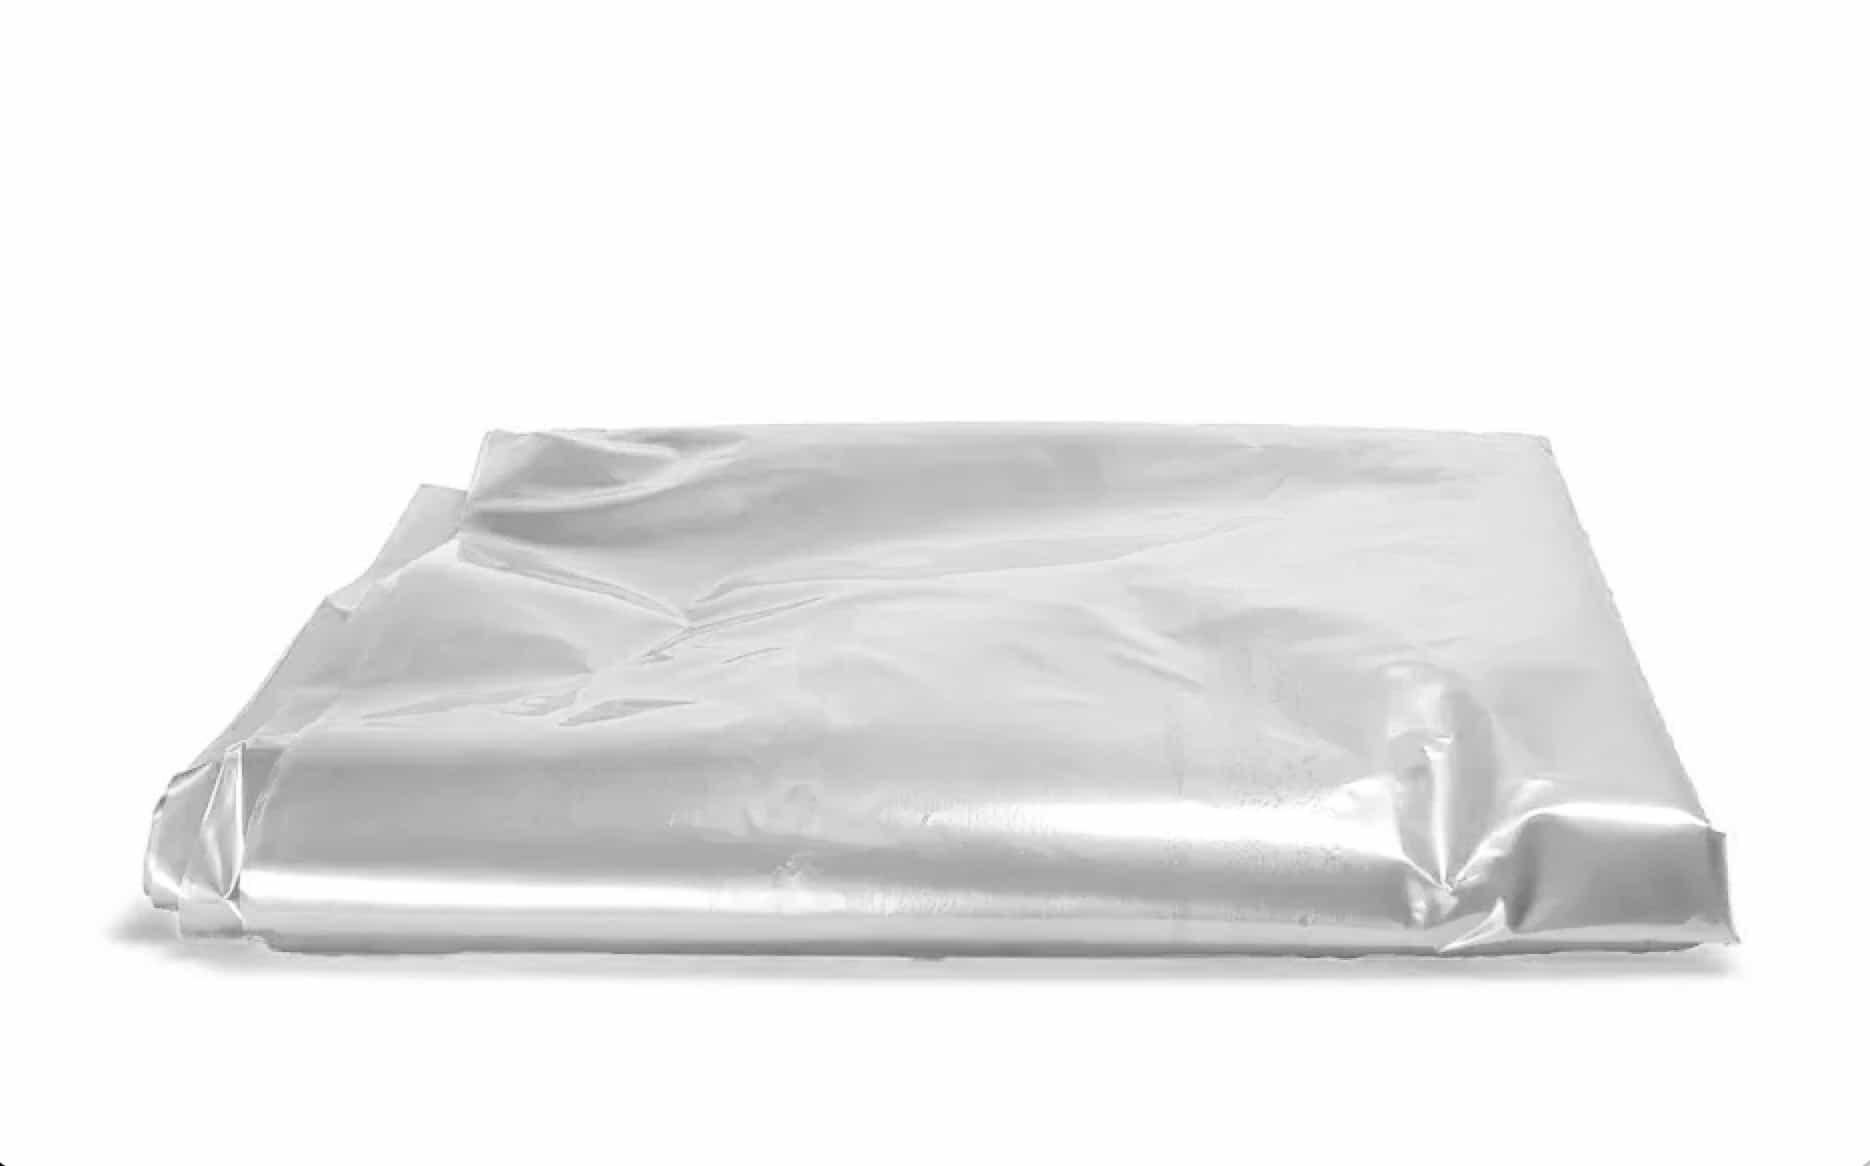 Plastic matrashoezen transparant 1,5 persoons - 2300 x 1600 x 220mm (25 st)